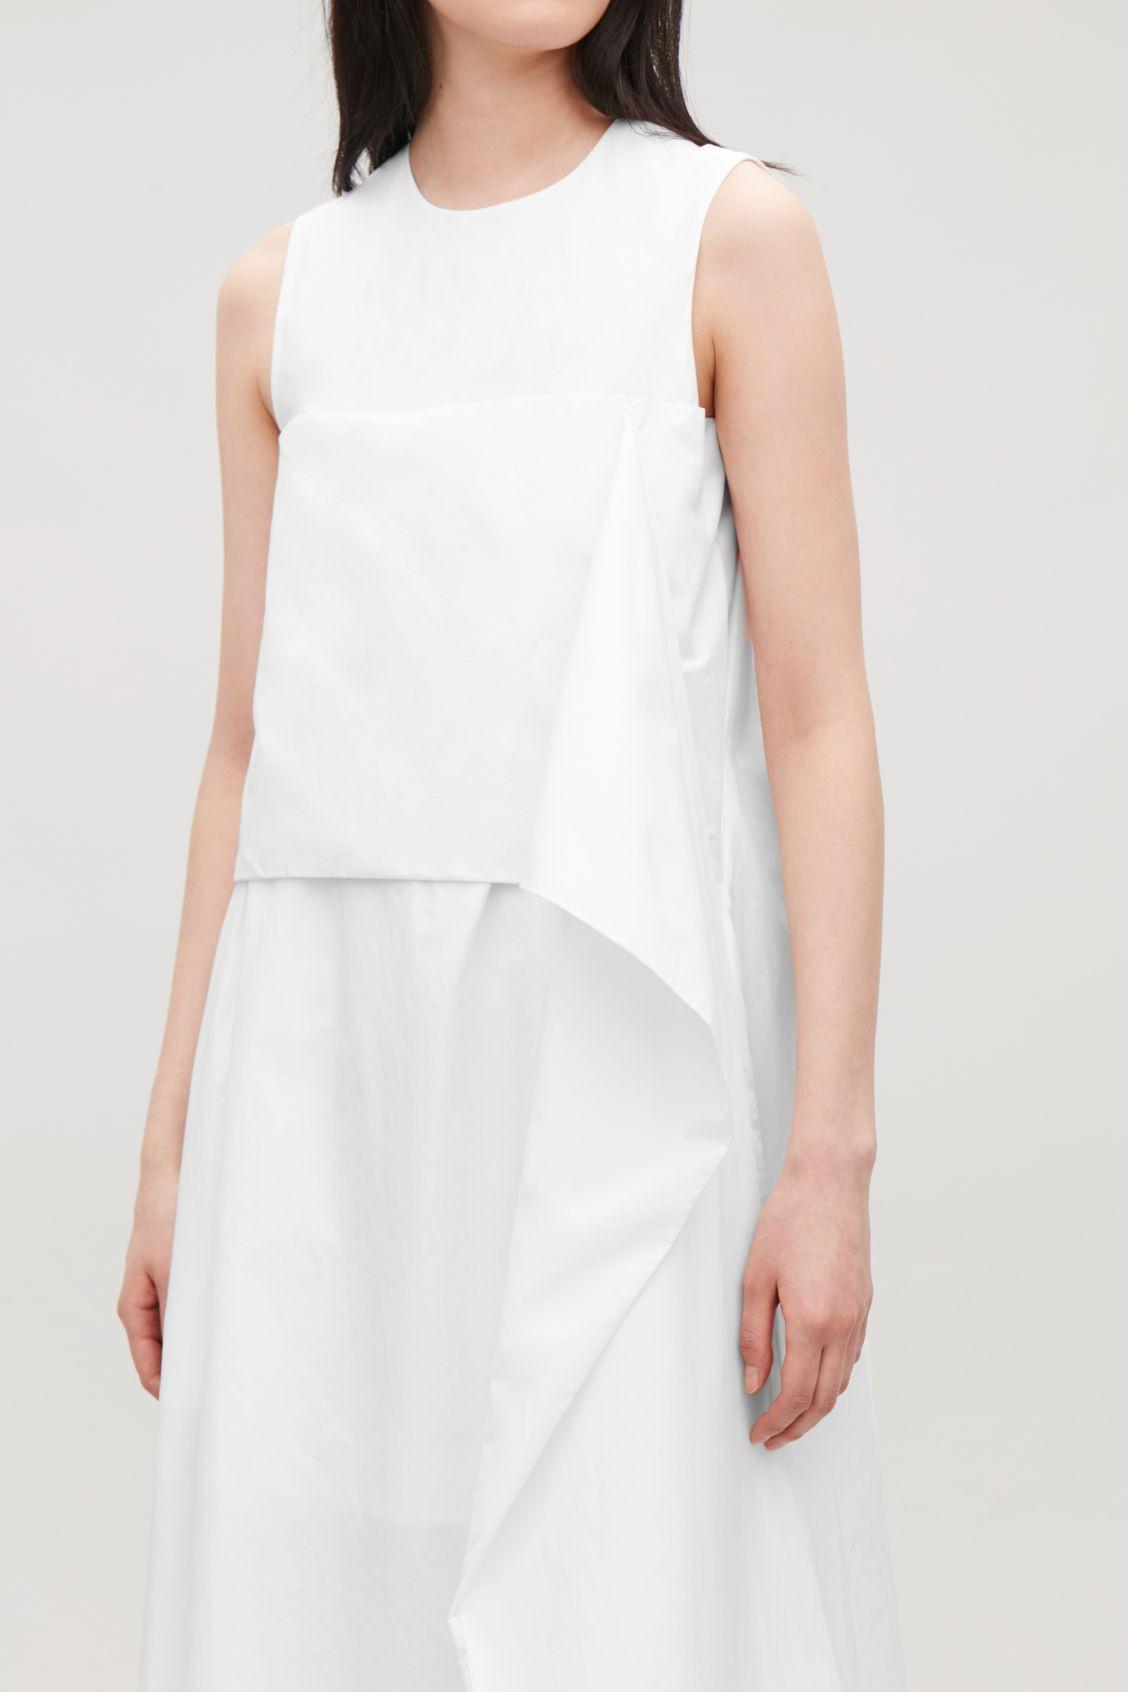 Formal Kreativ Abendkleid Cos Vertrieb17 Wunderbar Abendkleid Cos Boutique